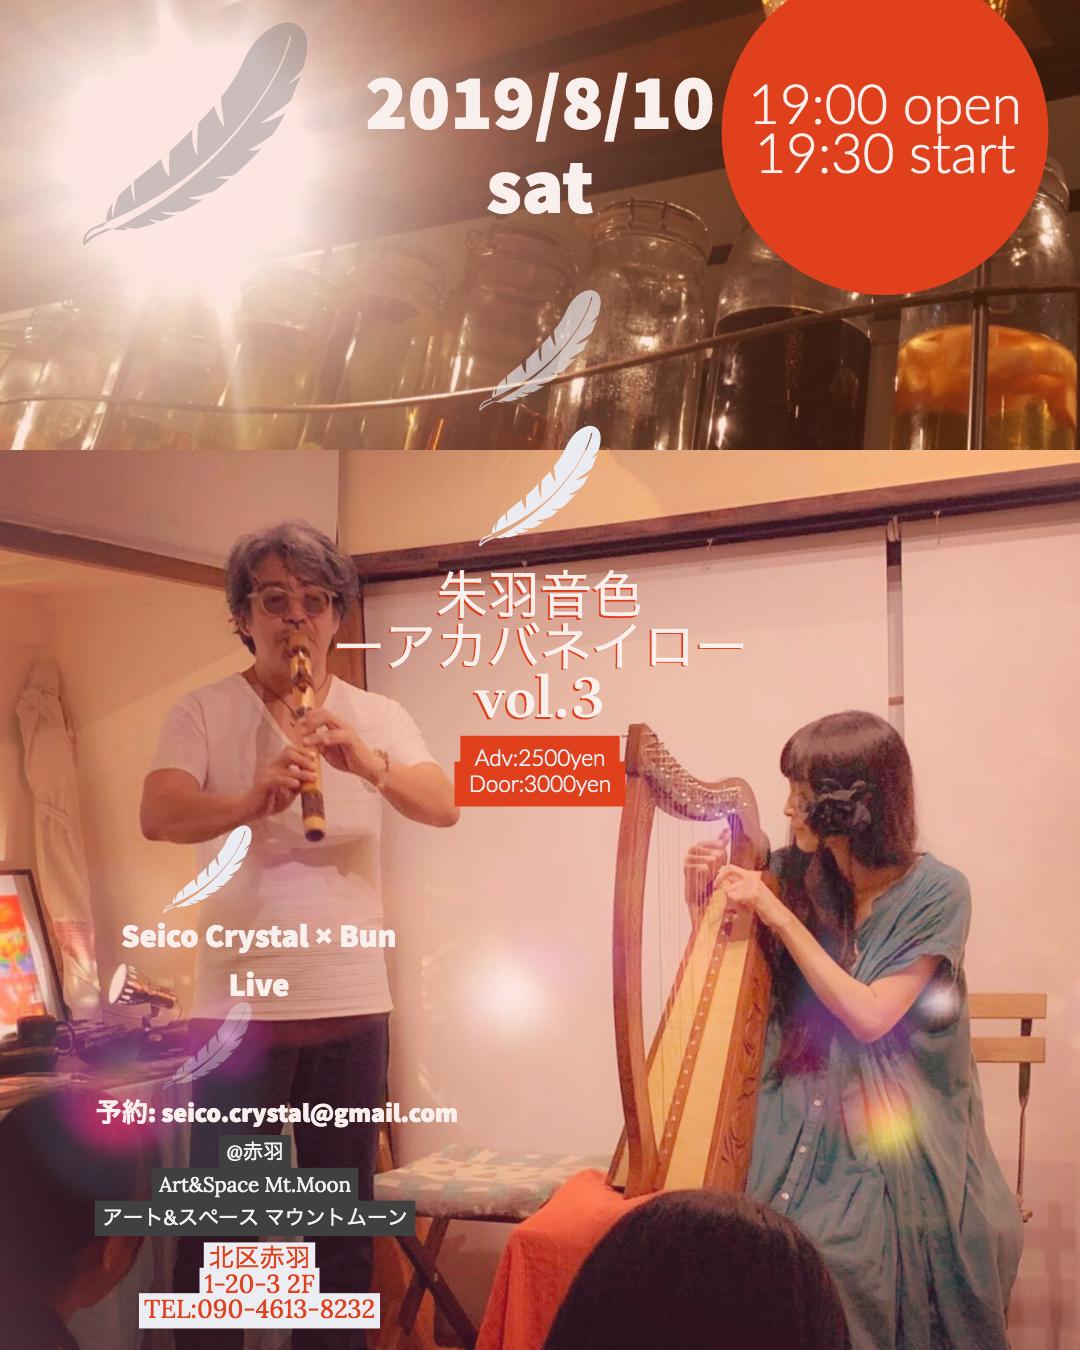 2019/8/10朱羽音色ーアカバネイローvol.3